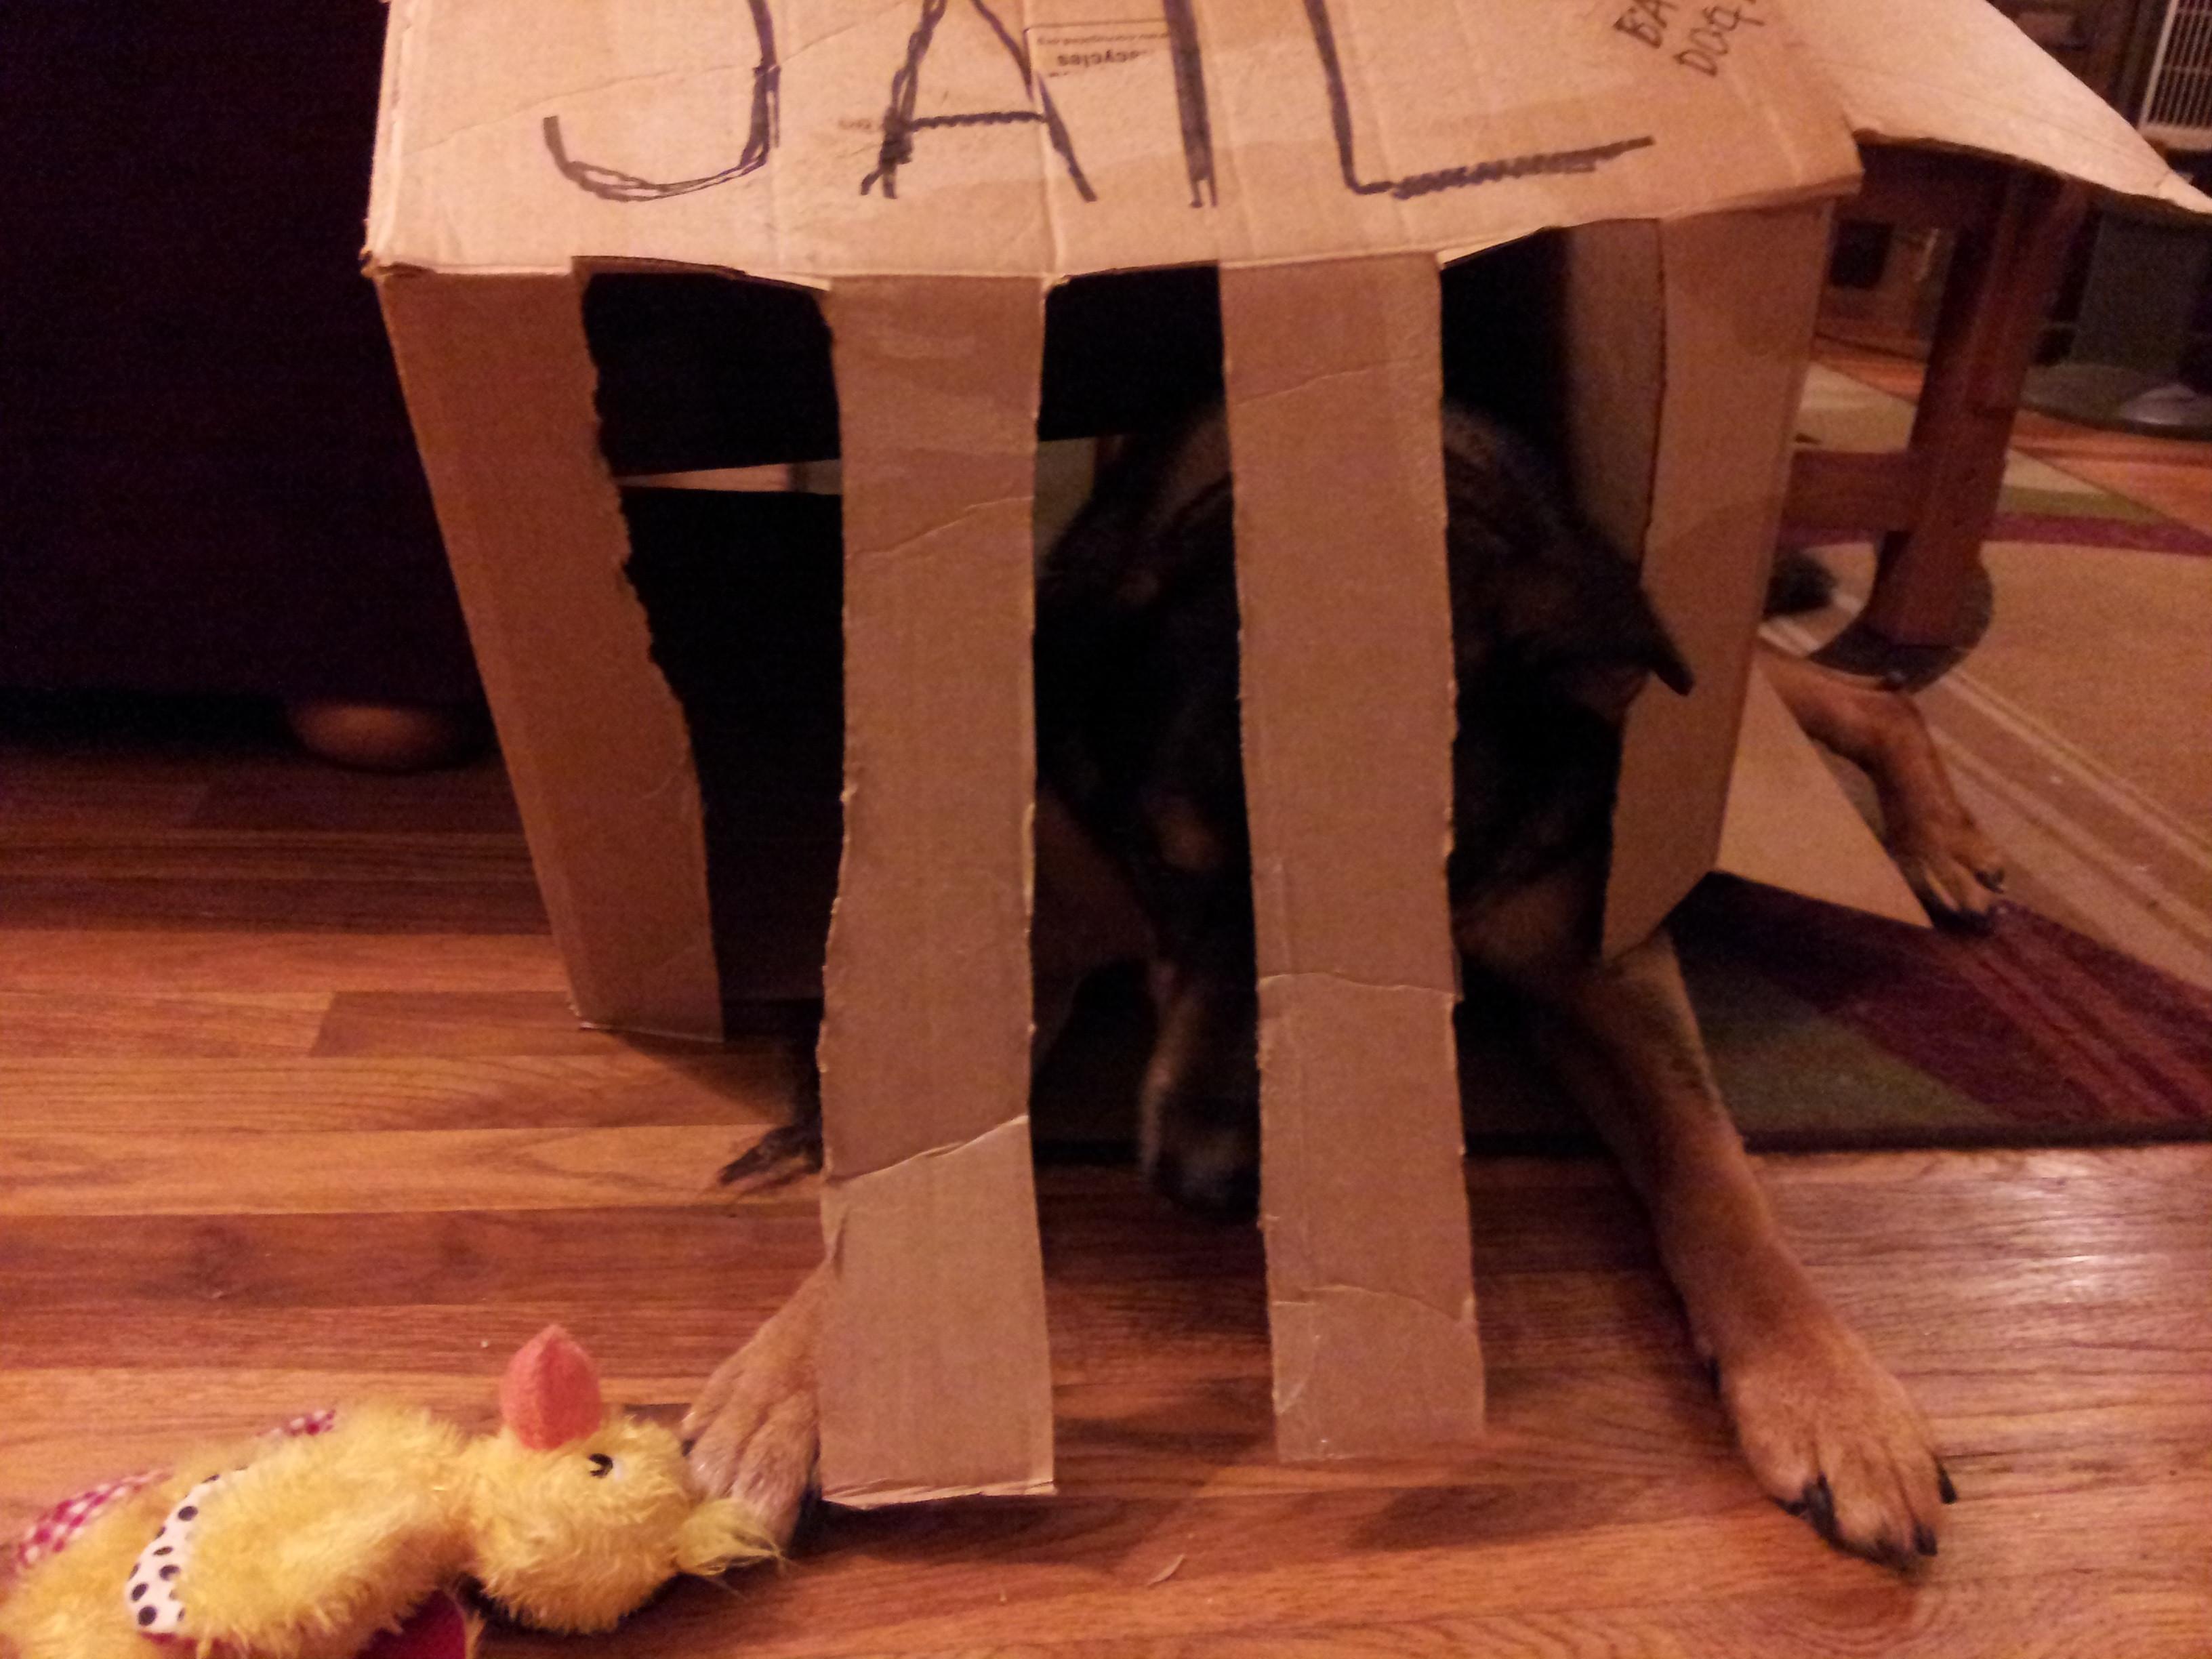 guilty8